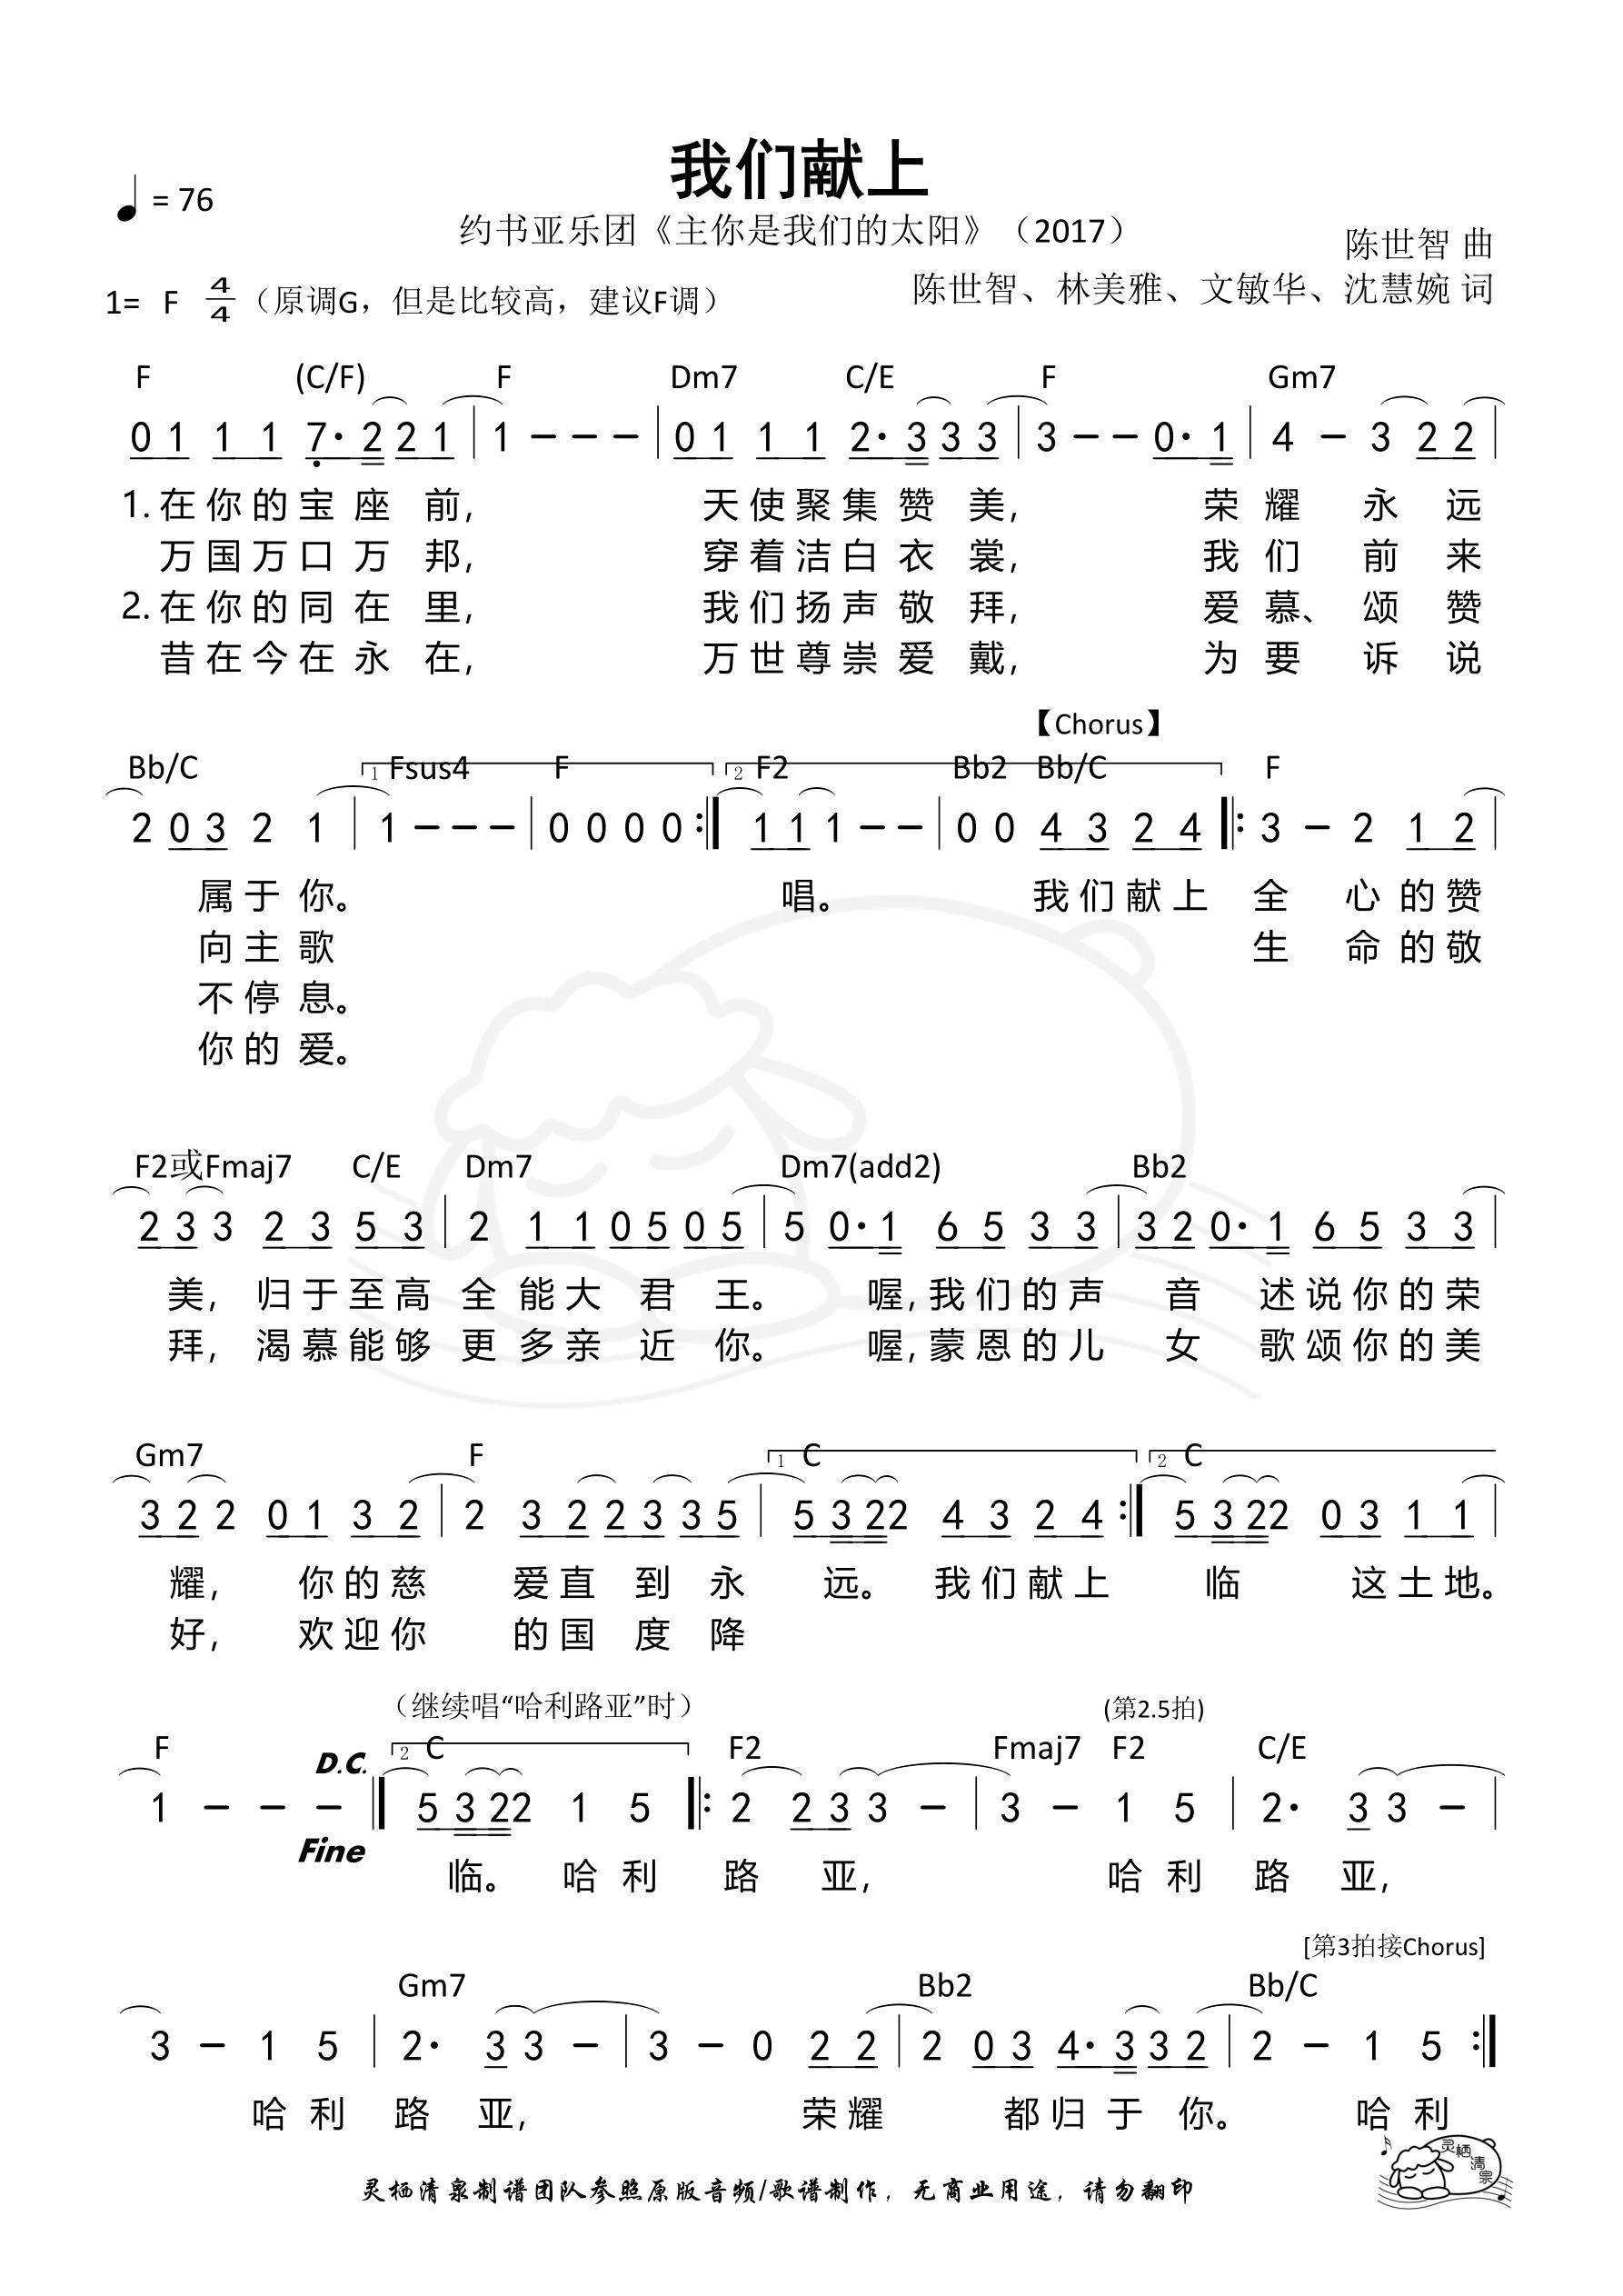 《第158首 - 我们献上(F调) 和弦简谱》